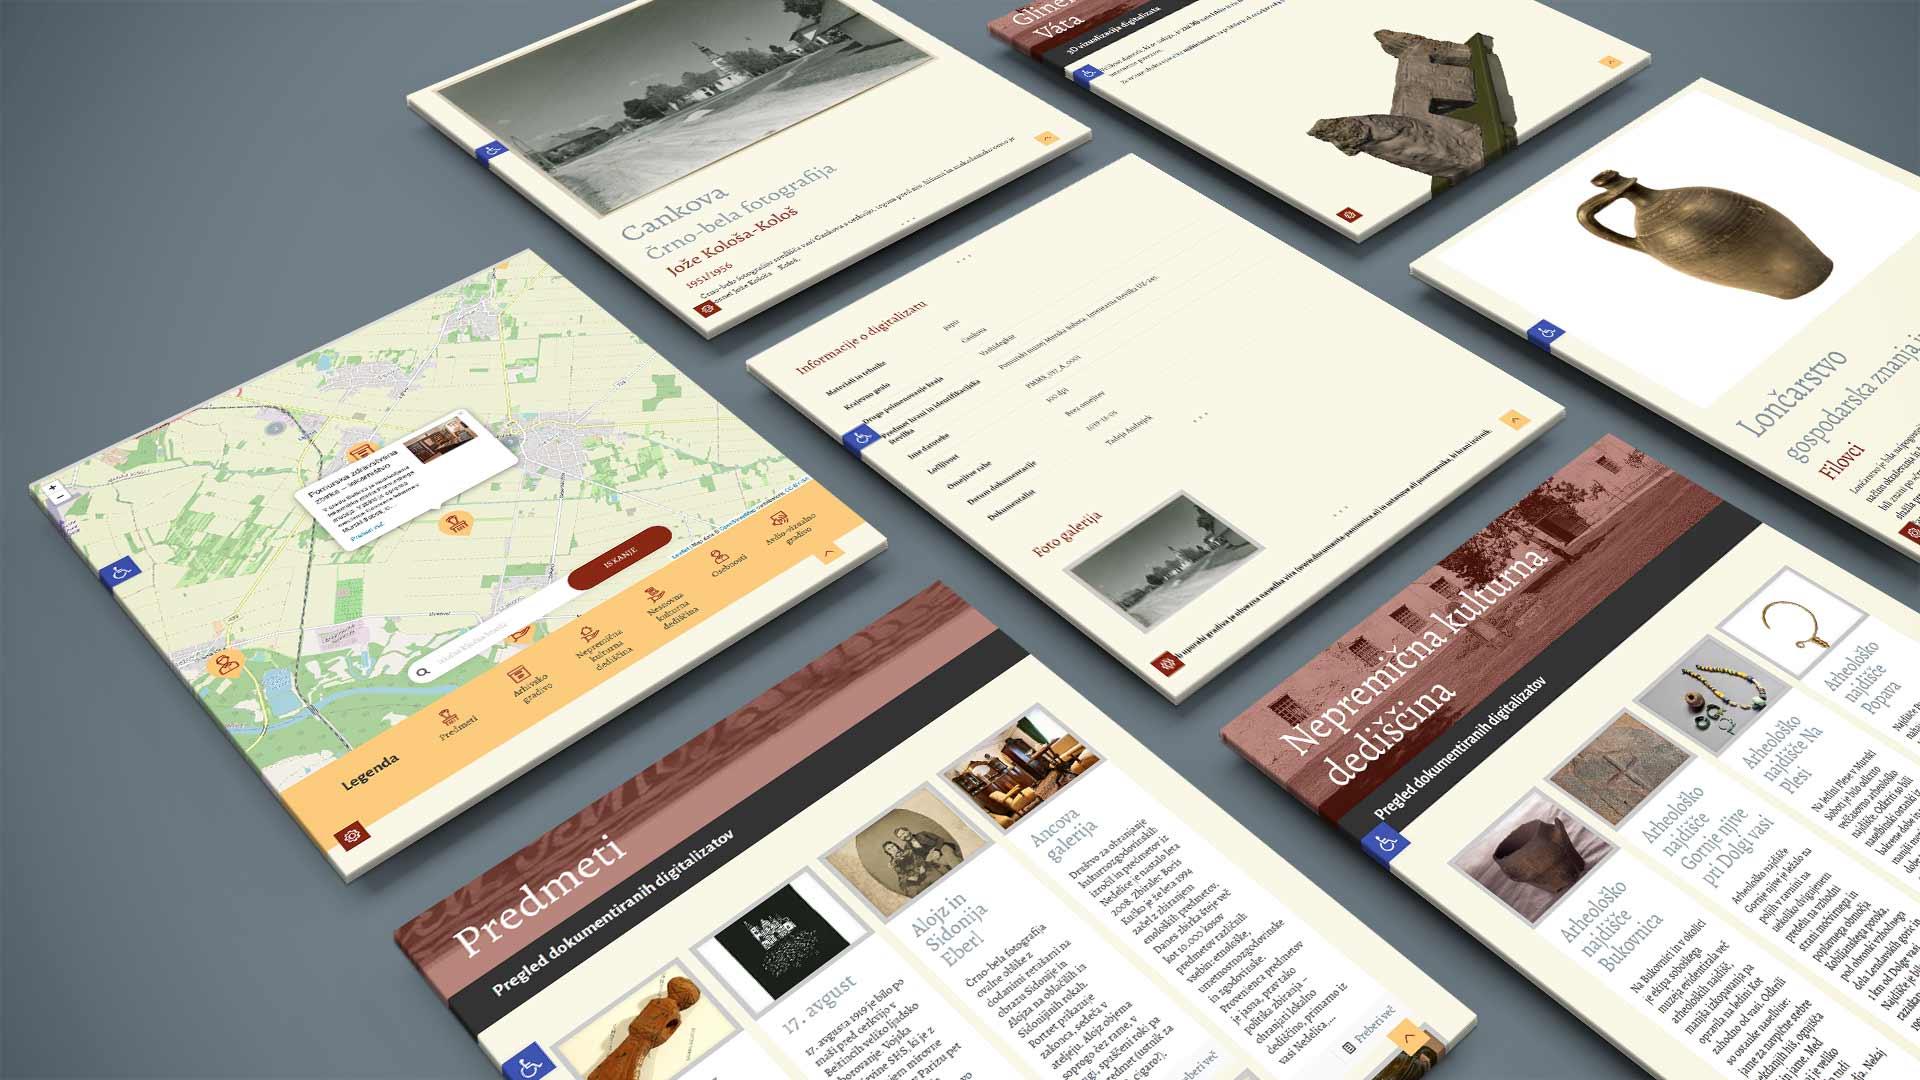 kreativne ideje reference e documenta panonnica struktura spletnih strani